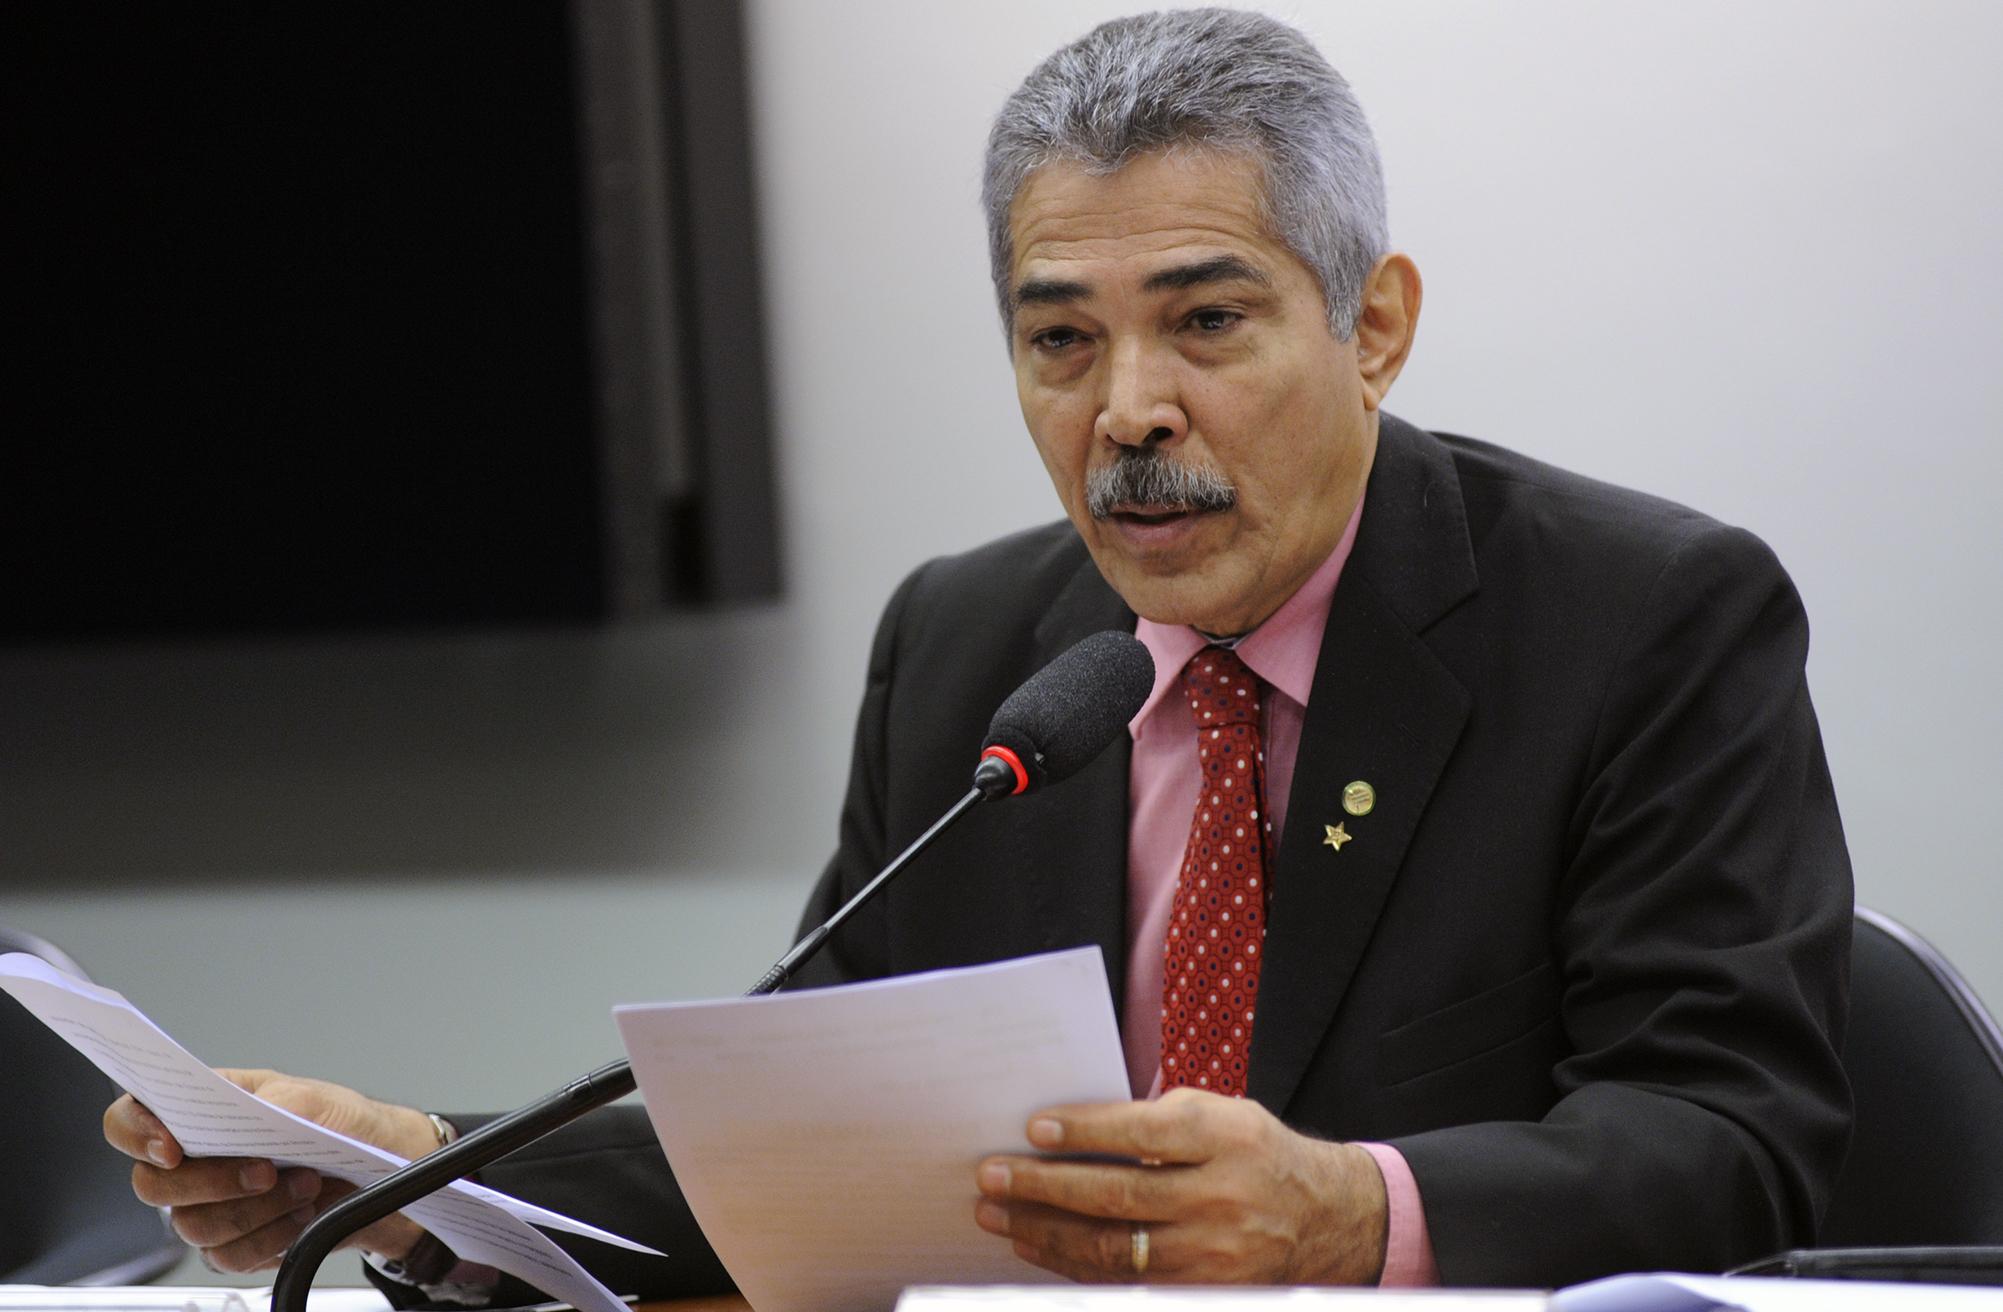 Audiência pública sobre Saneamento Ambiental Rural em especial os Setores de Água e Esgoto. Dep. Leonardo Monteiro (PT - MG)